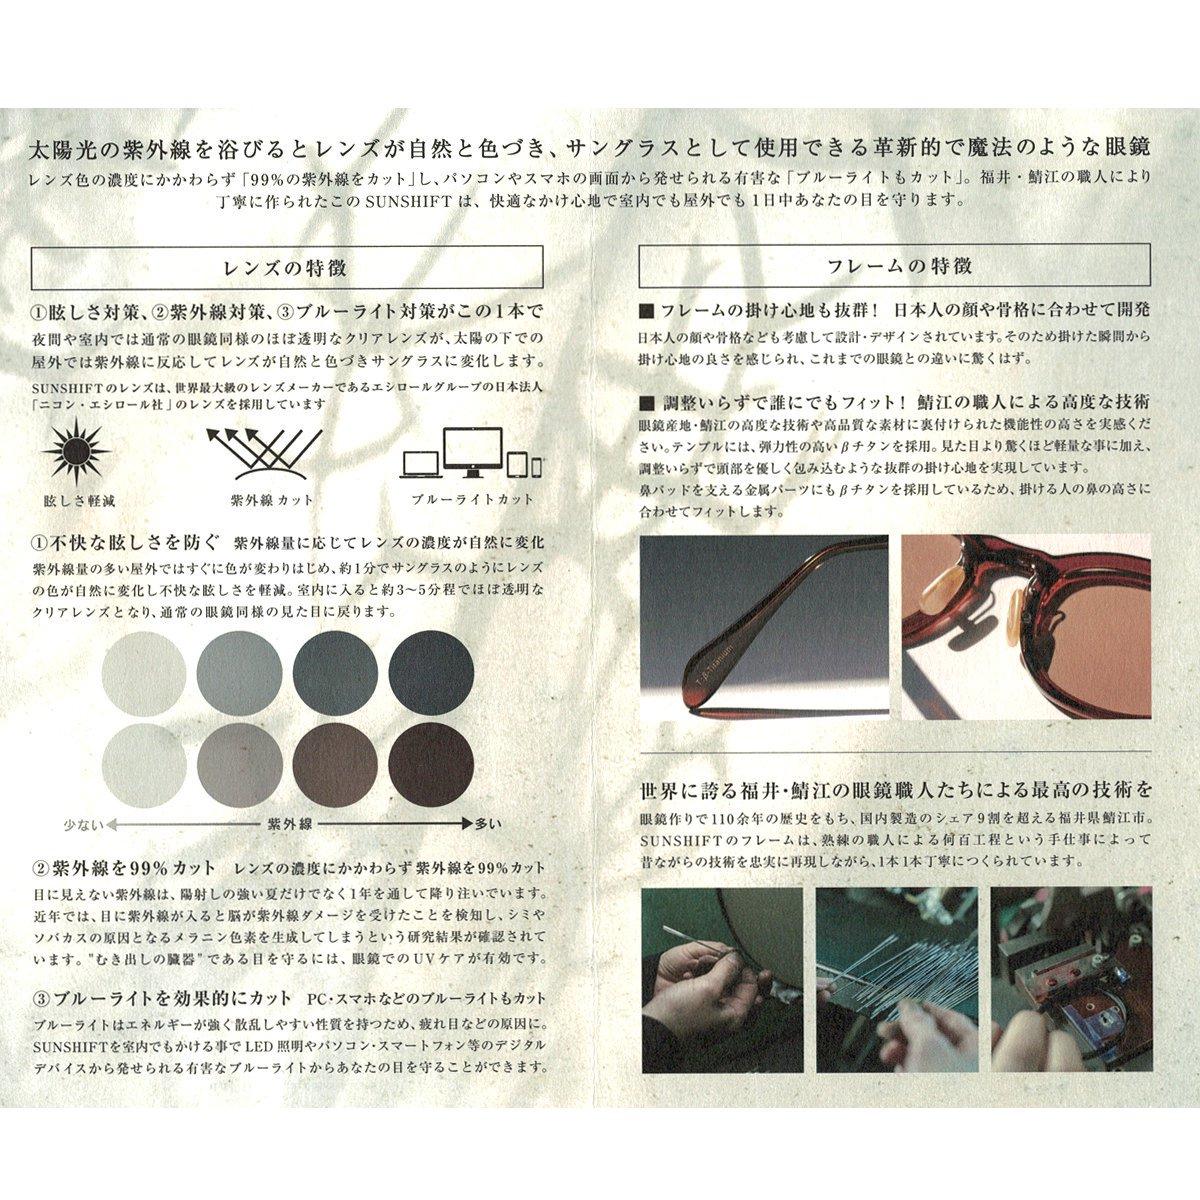 Et baas × BJ CLASSIC SUNSHIFT S-JAZZ 詳細画像39